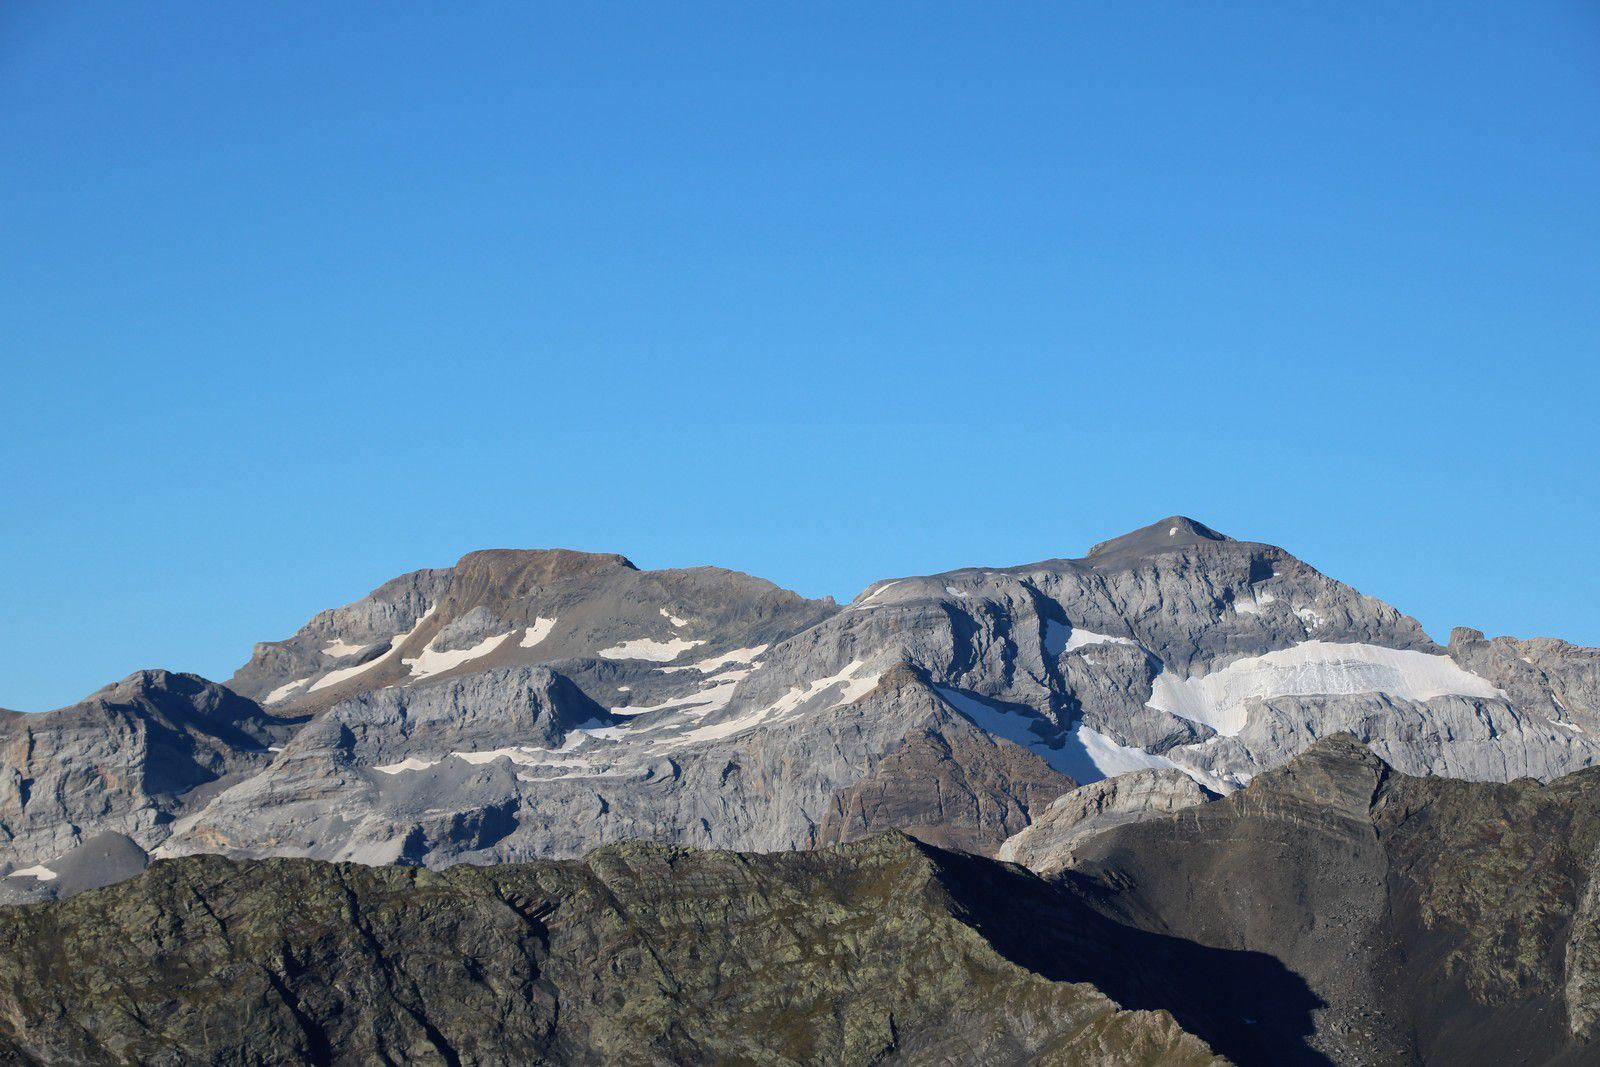 Soum de Ramond et Mont Perdu.